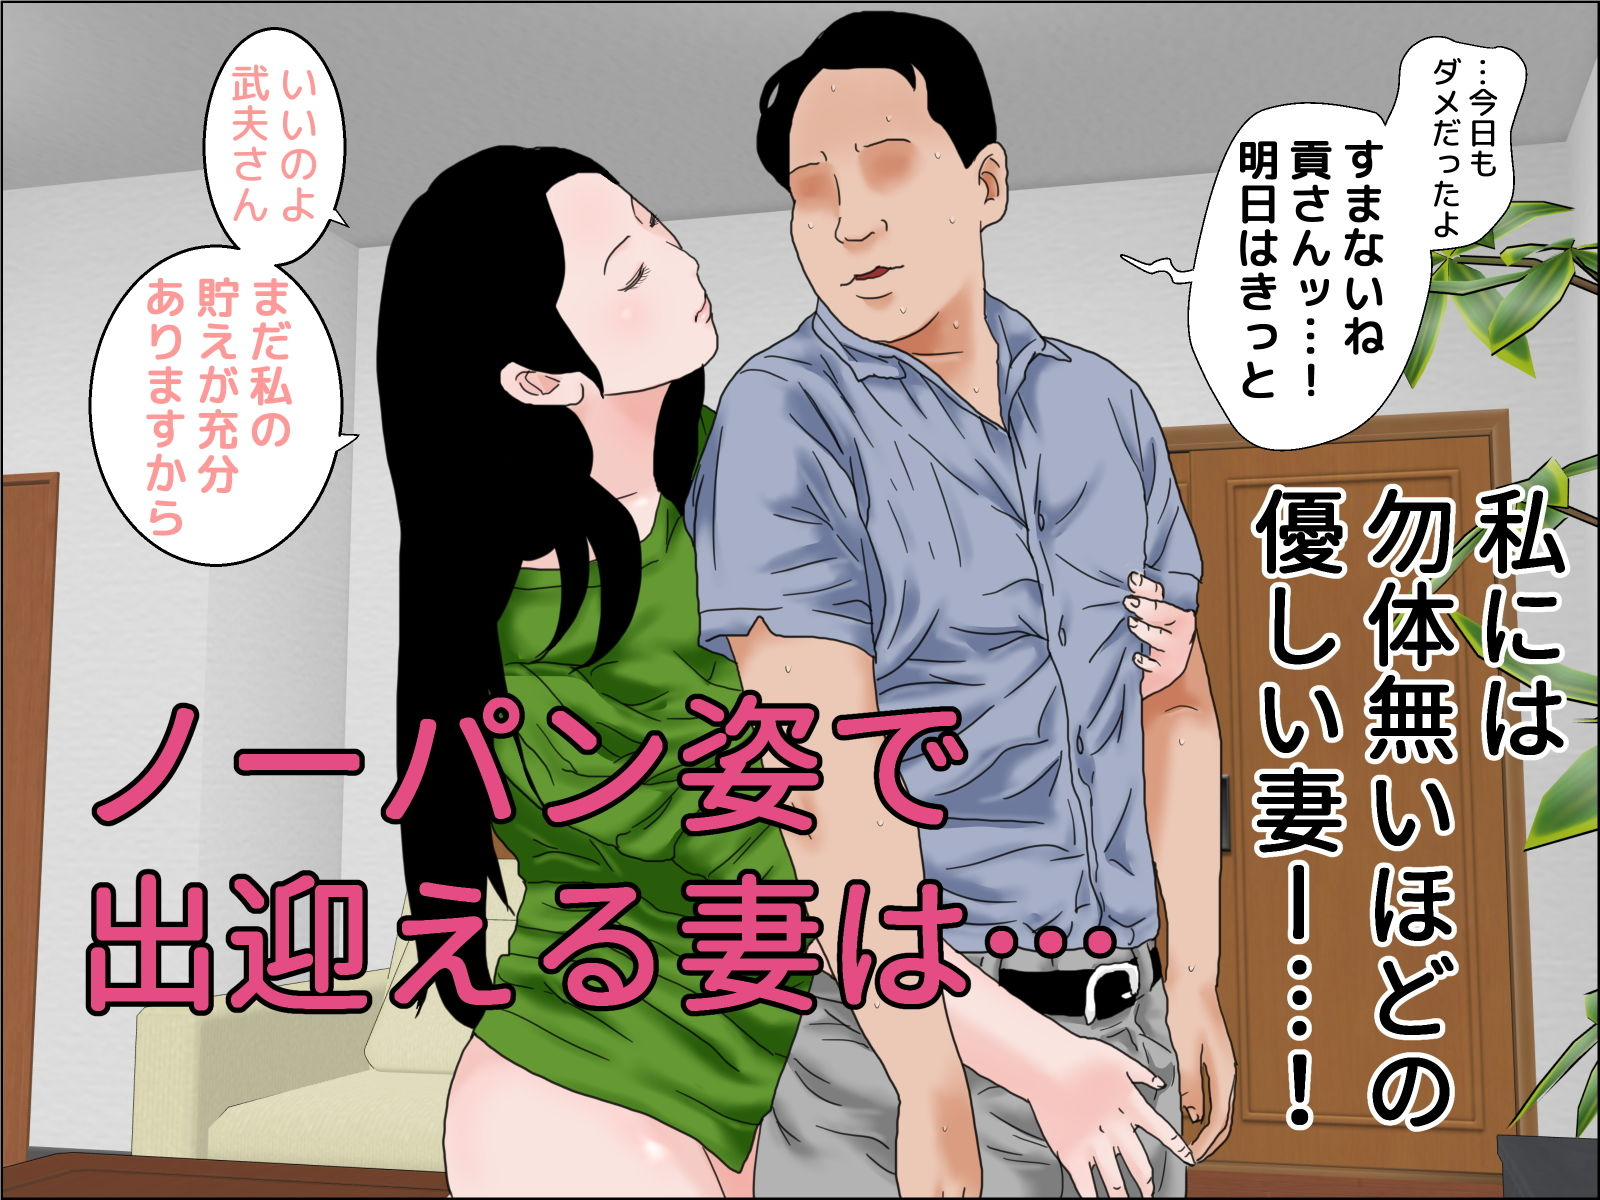 サンプル画像1:ケツコキ!ニューハーフ妻(ちくわぶ) [d_194433]